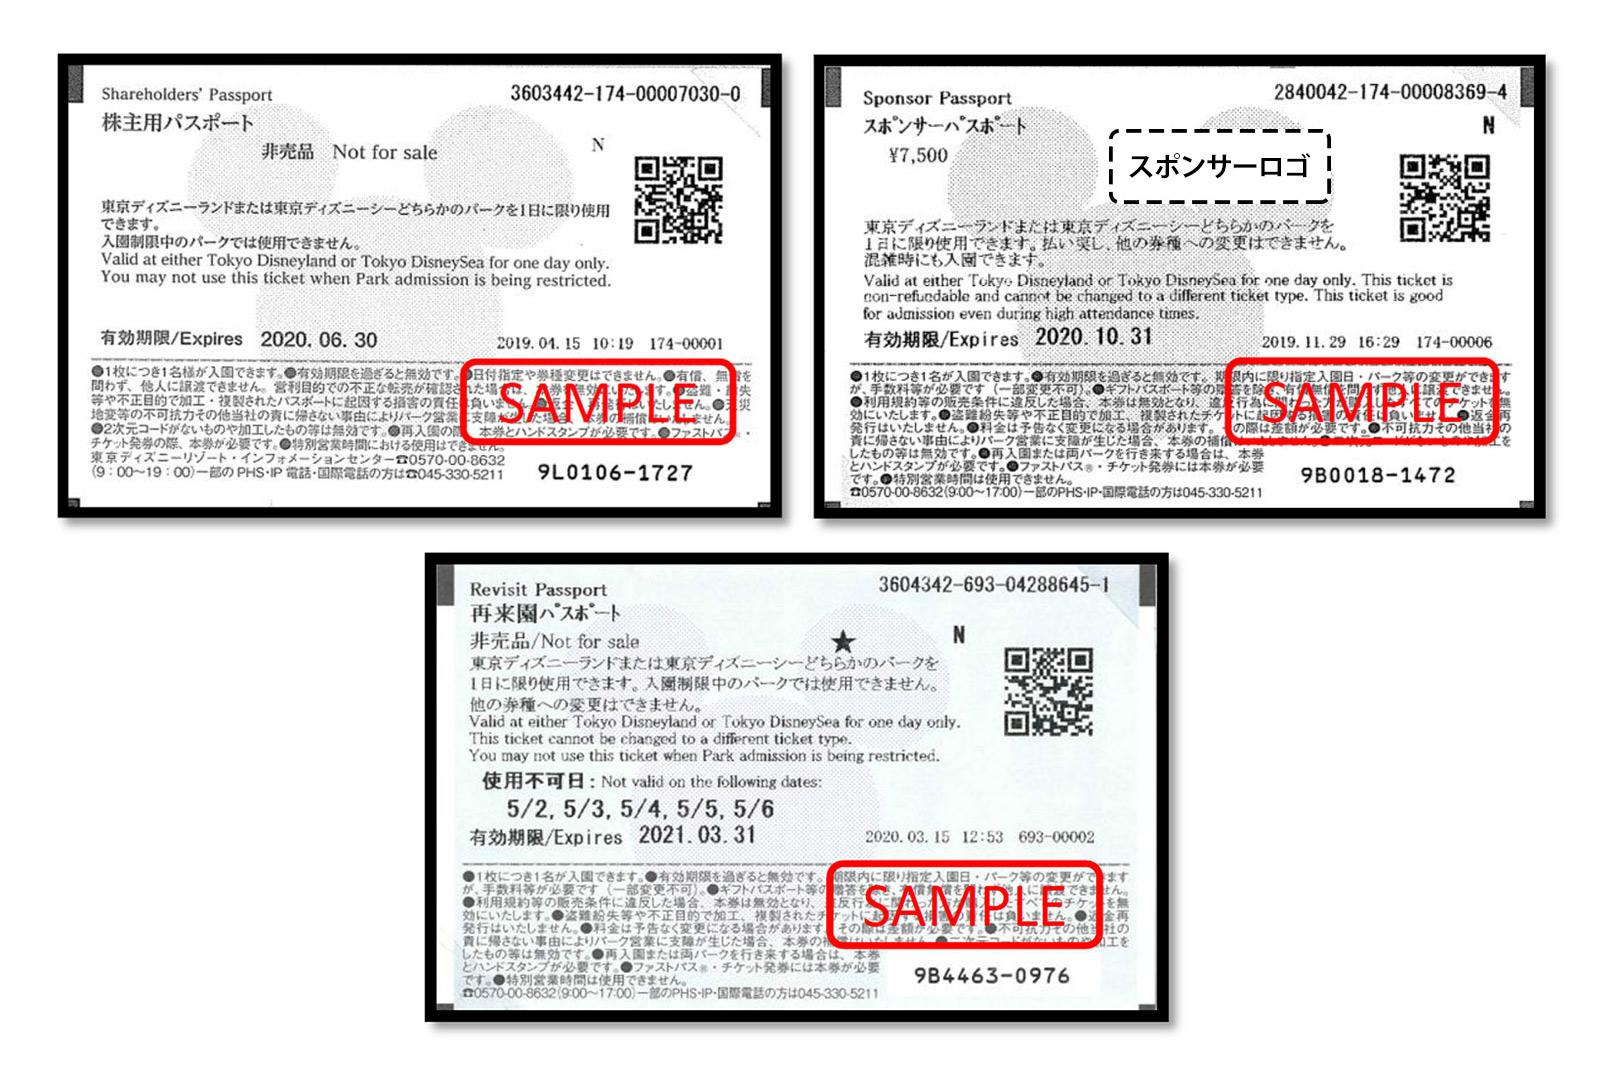 株主用パスポート、スポンサーパスポート、再来園パスポート